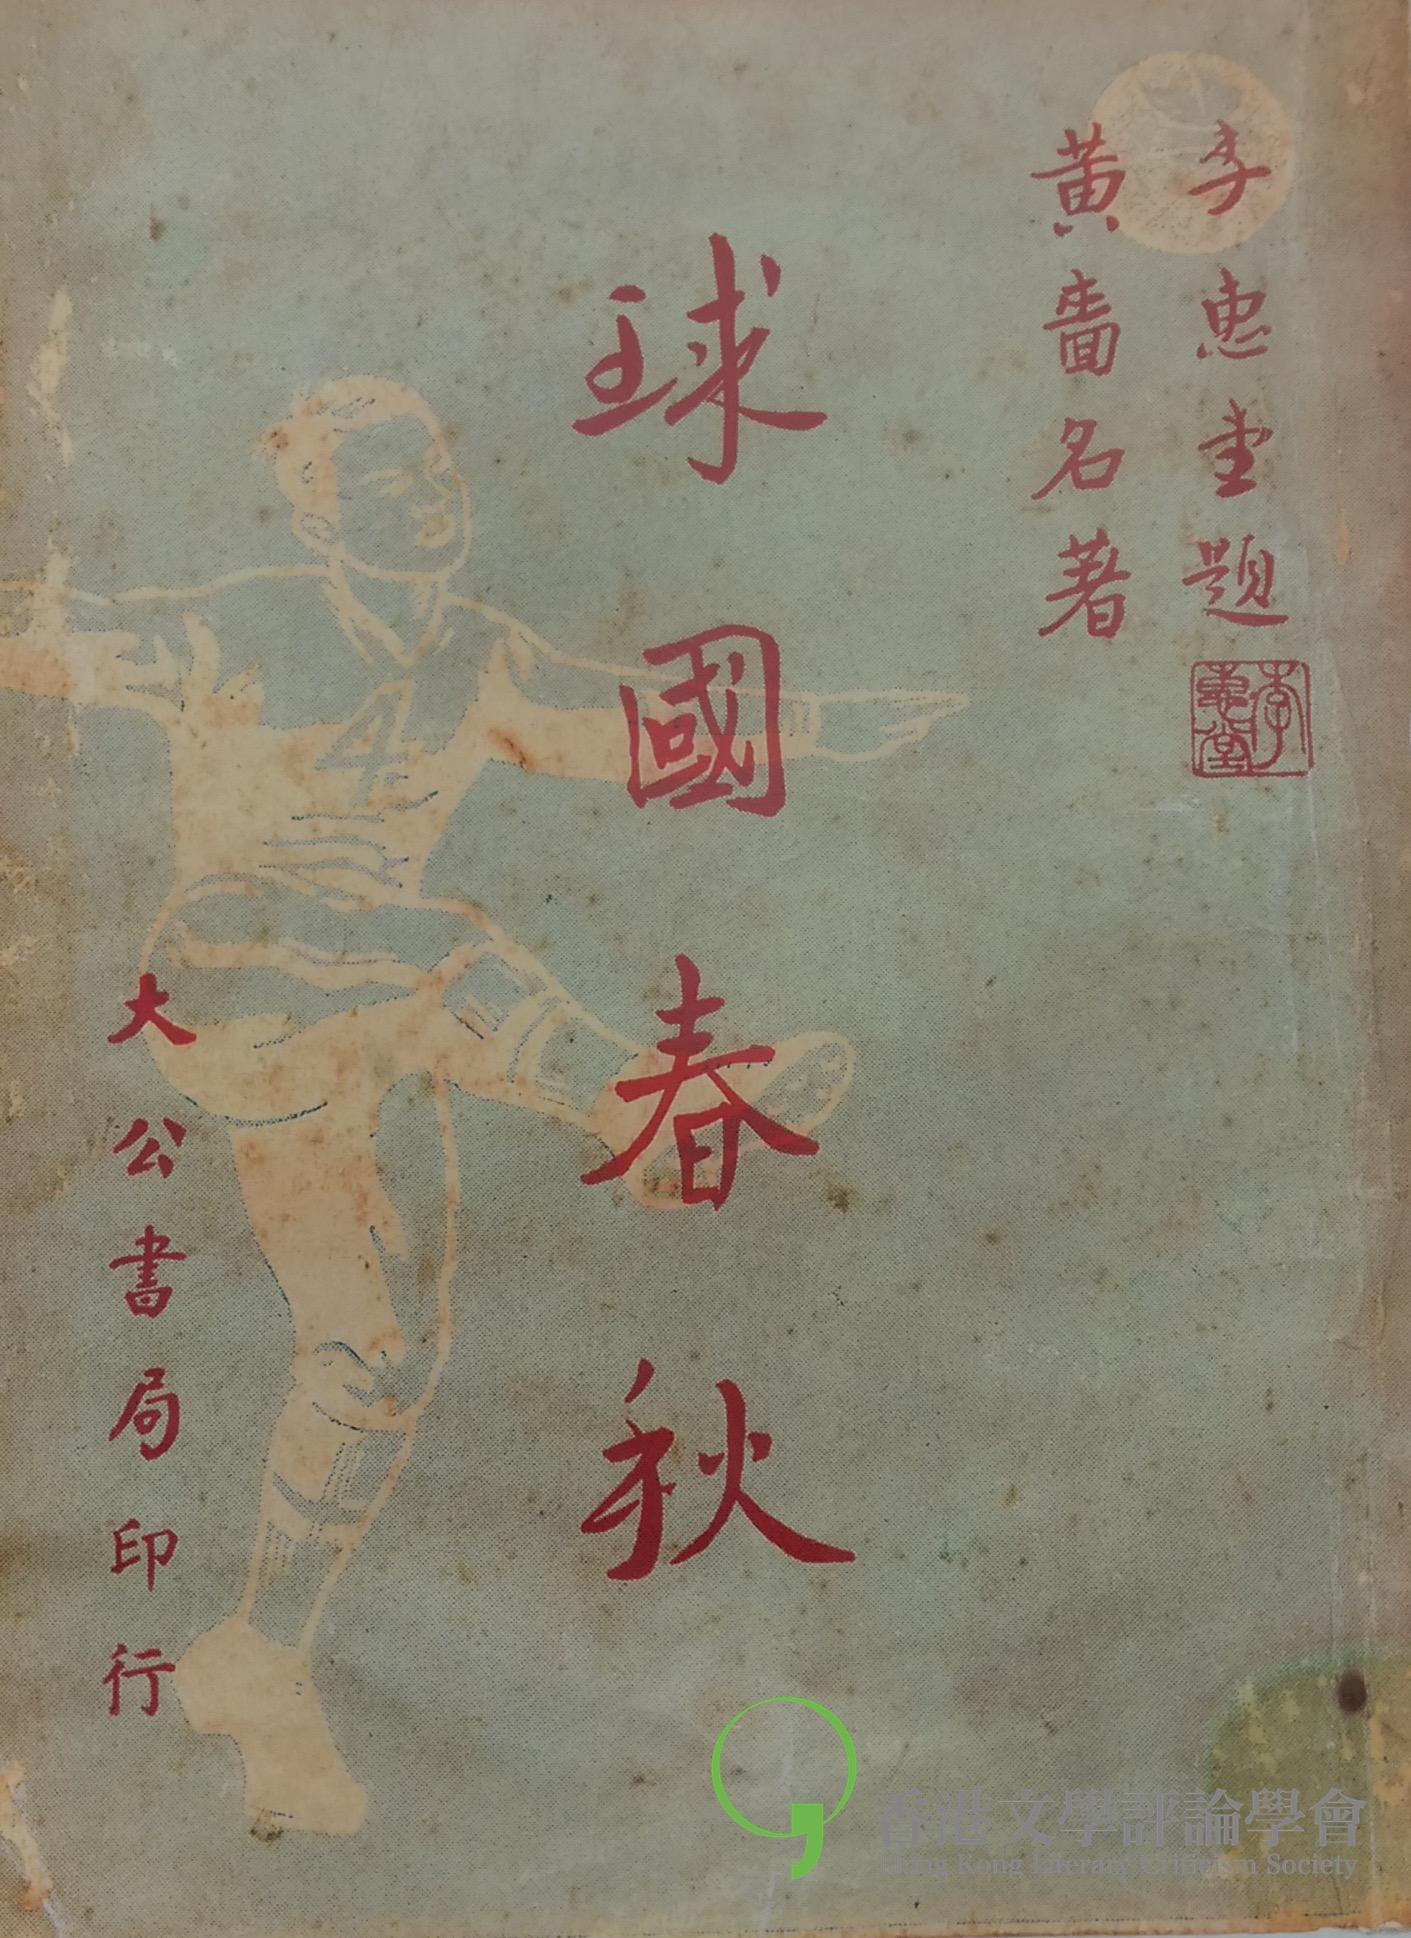 珍貴的本土足球章回小說《球國春秋》之書影。